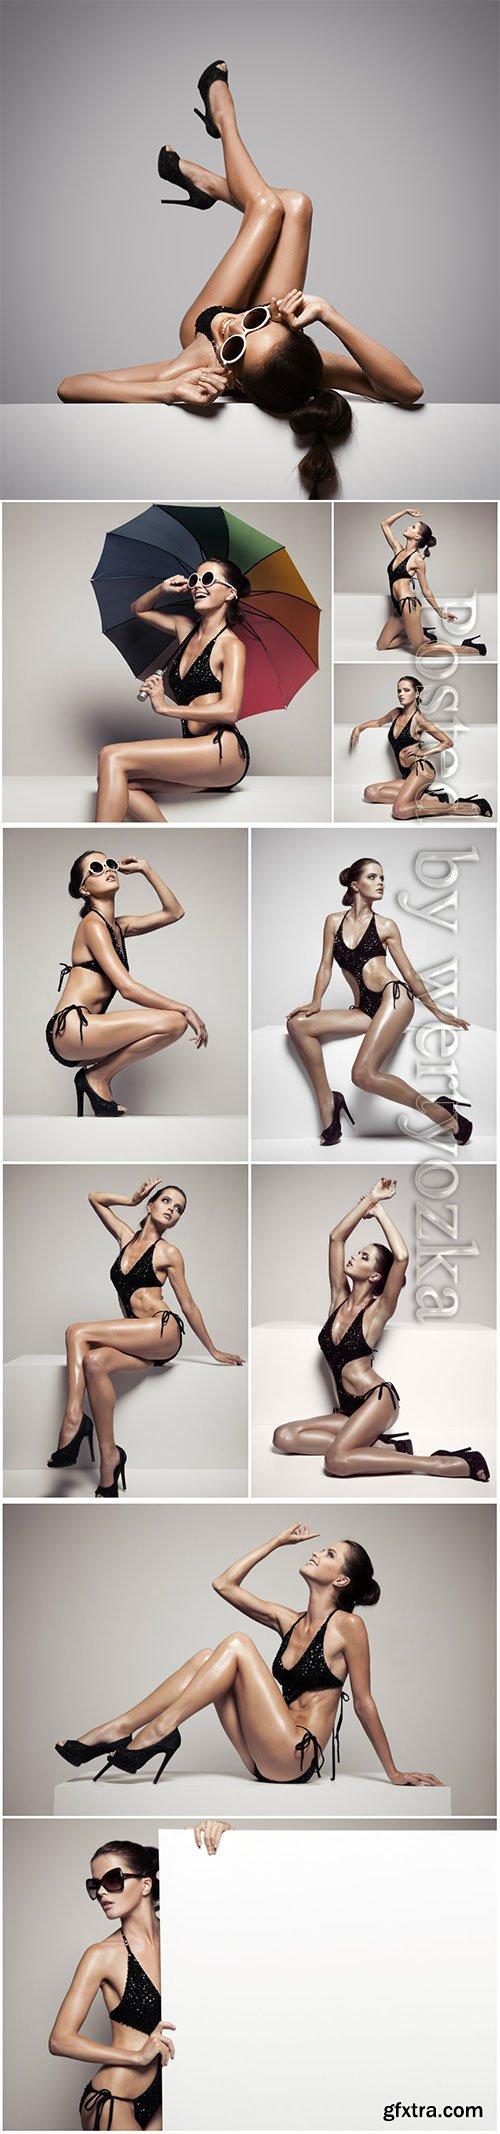 Glamorous girl in a bikini beautiful stock photo